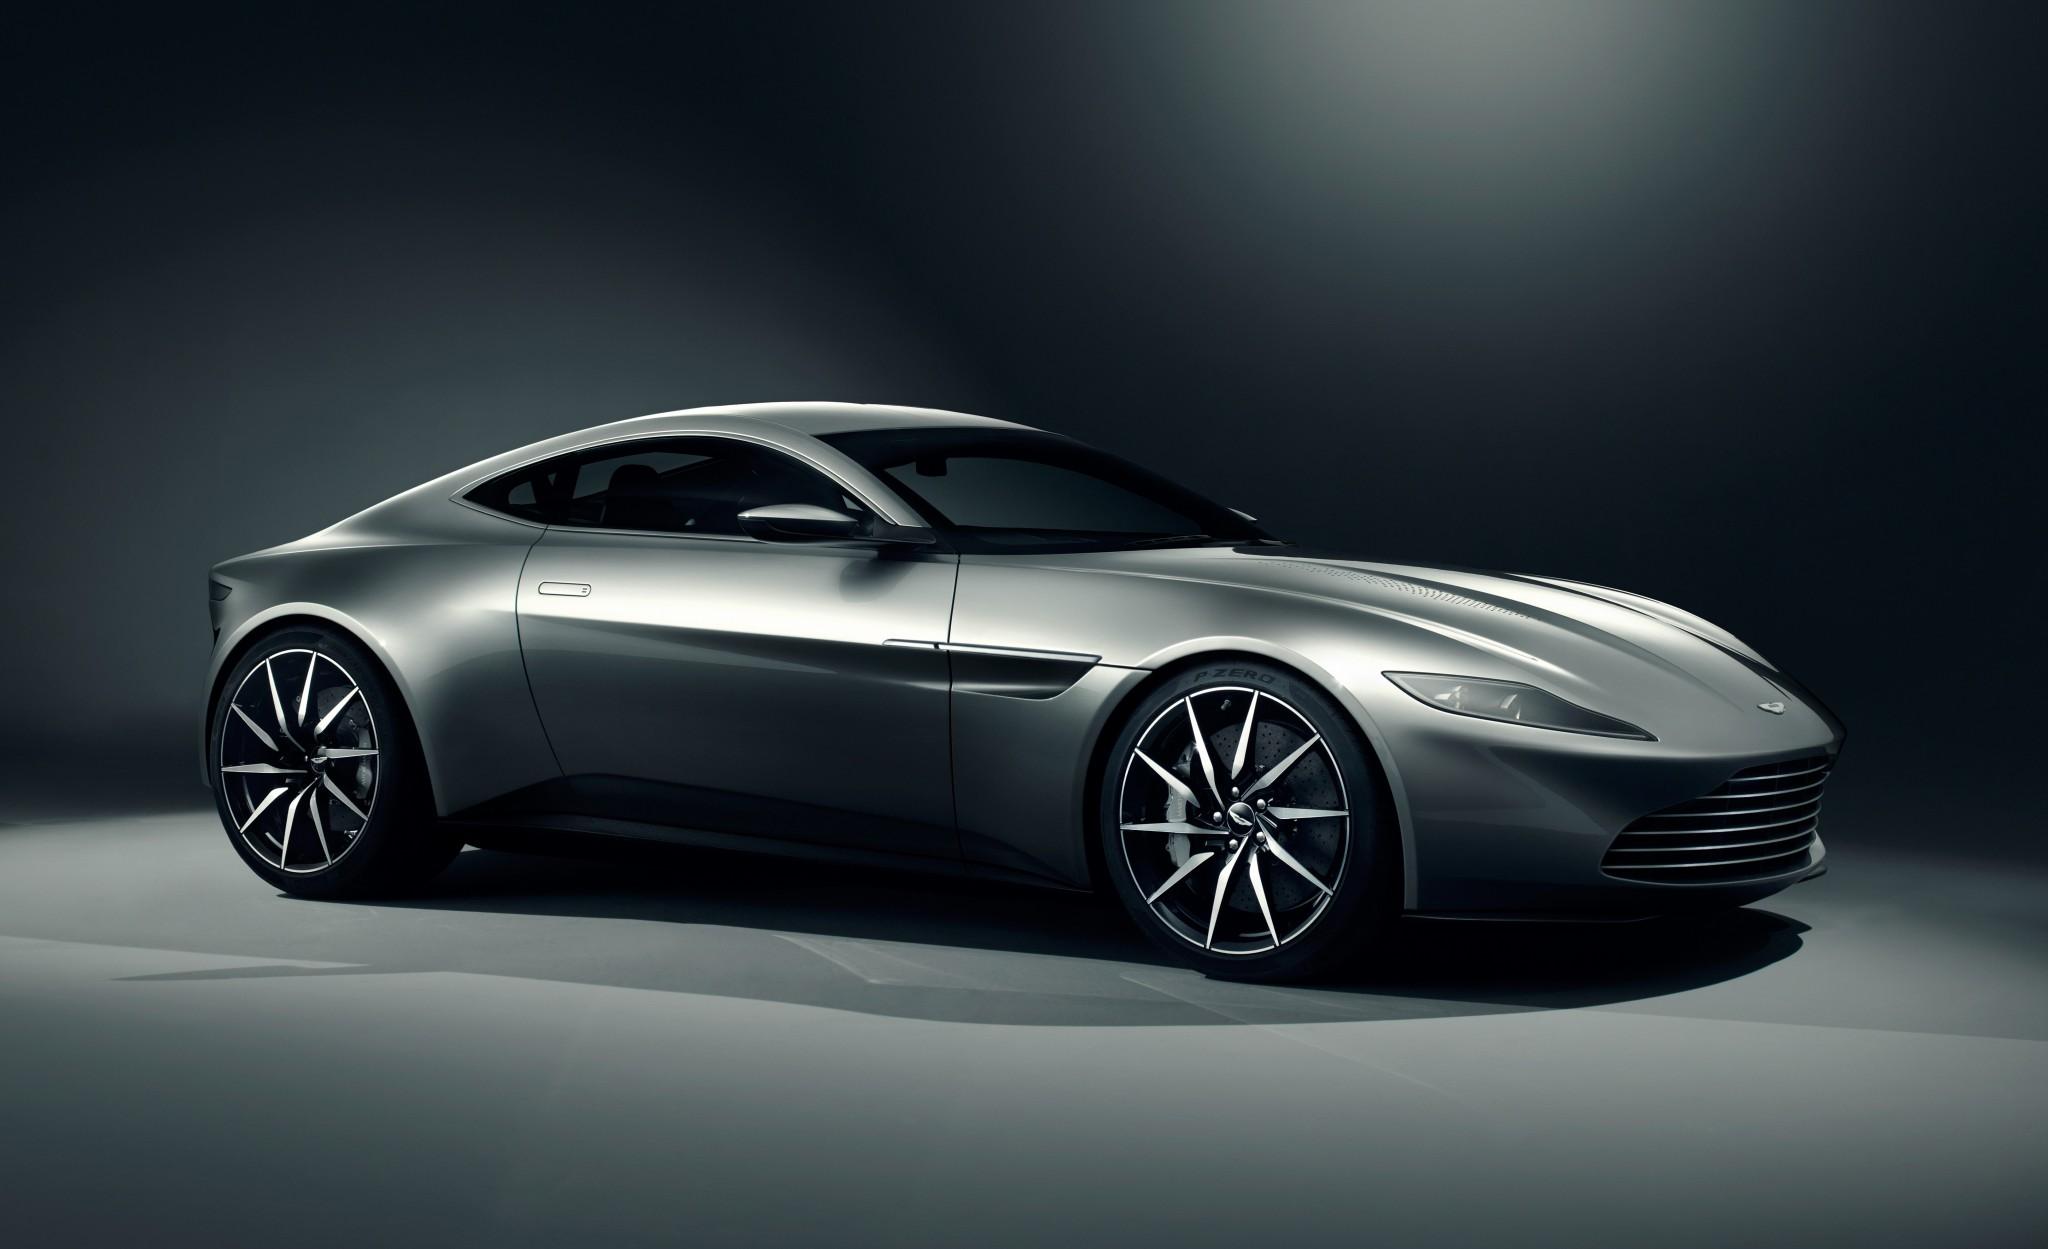 Met 3,4 miljoen euro is het een van de duurste Astons ooit. Foto: Aston Martin